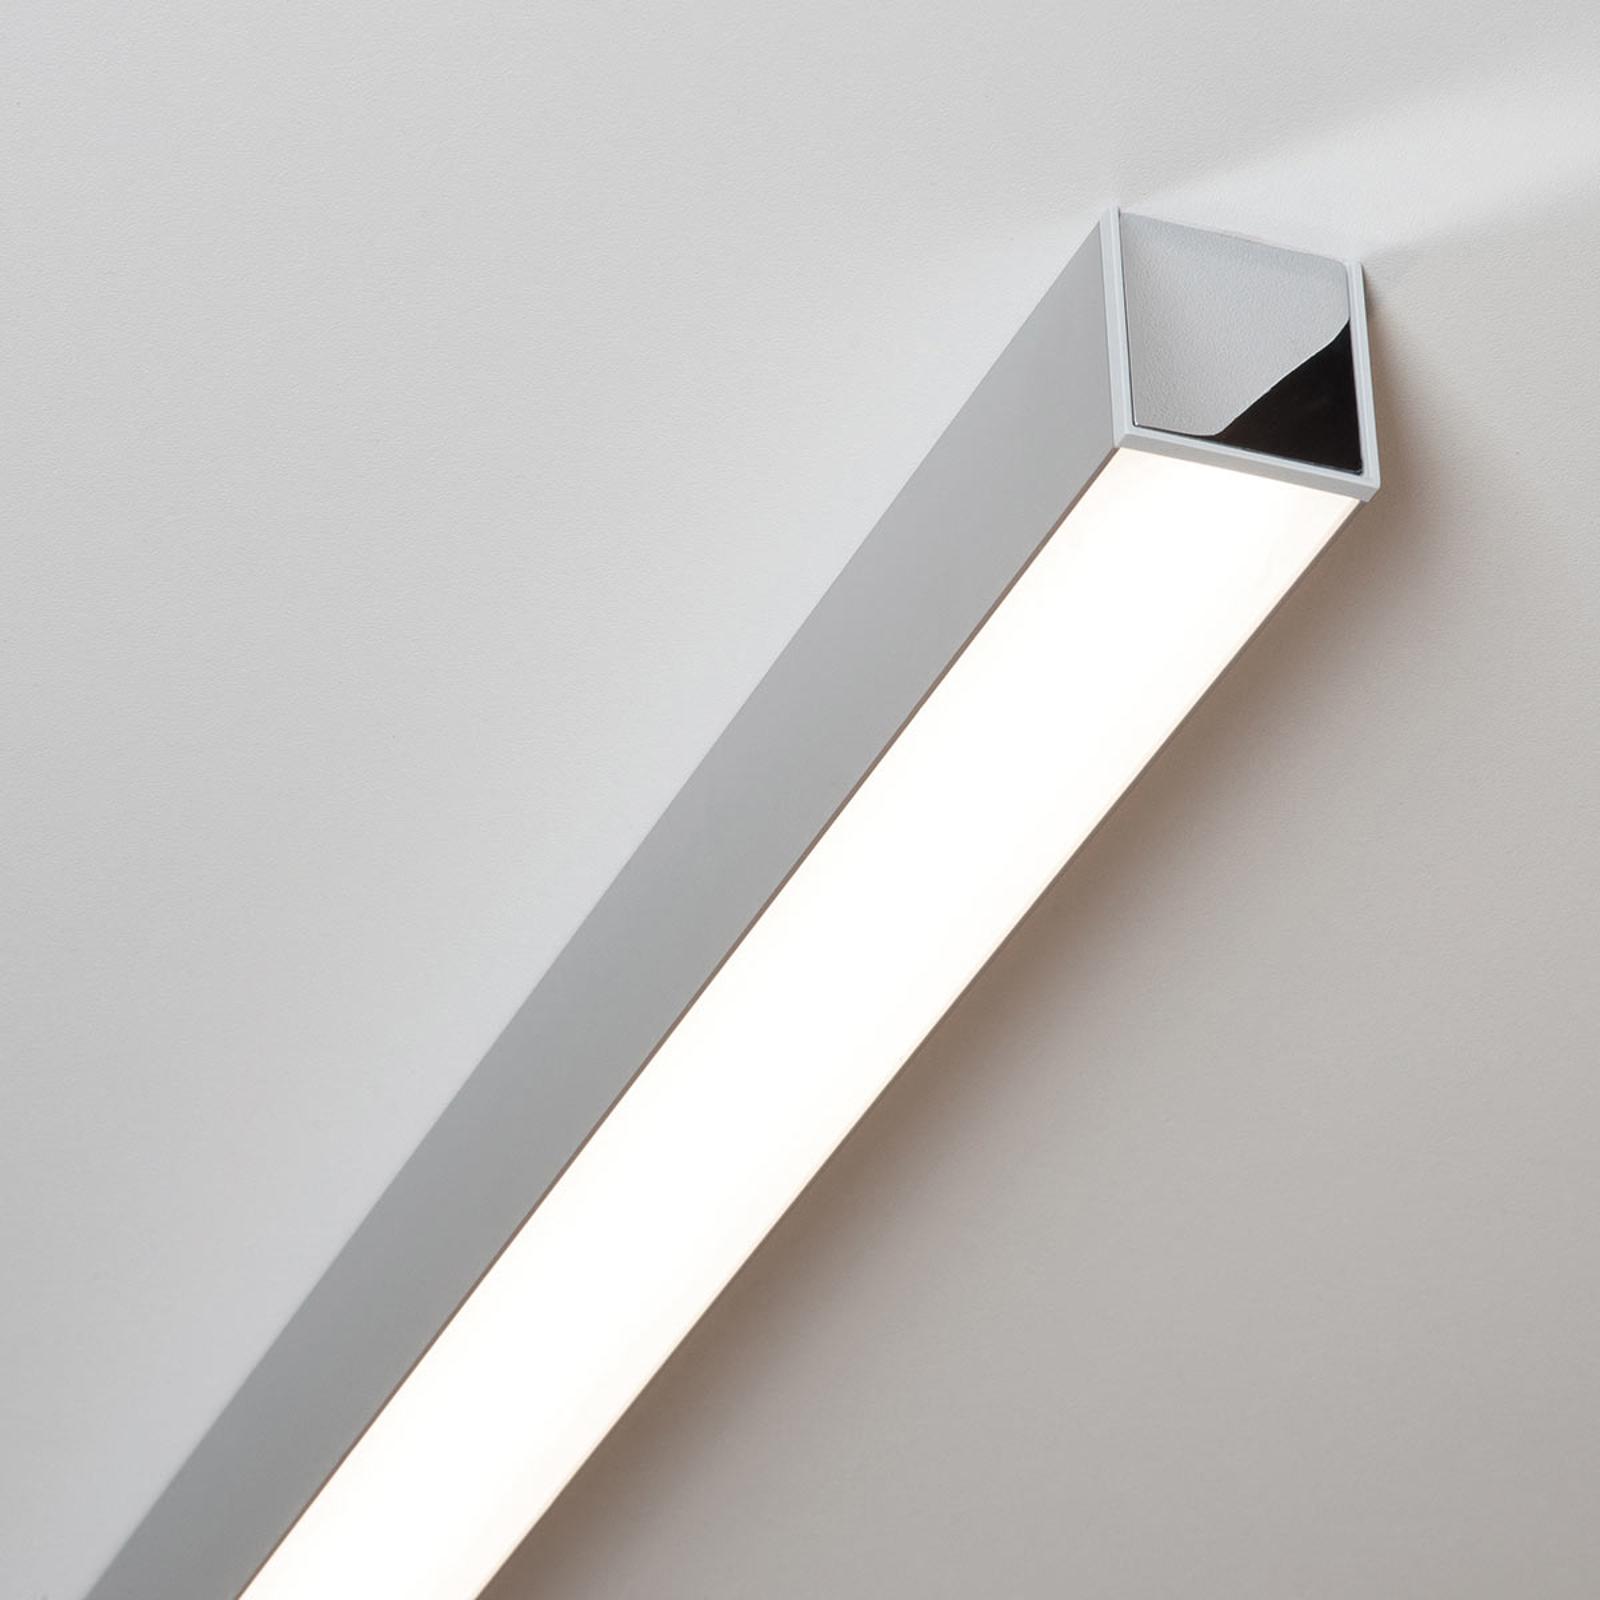 Ride LED-taklampe eloksert alu, 85,7 cm